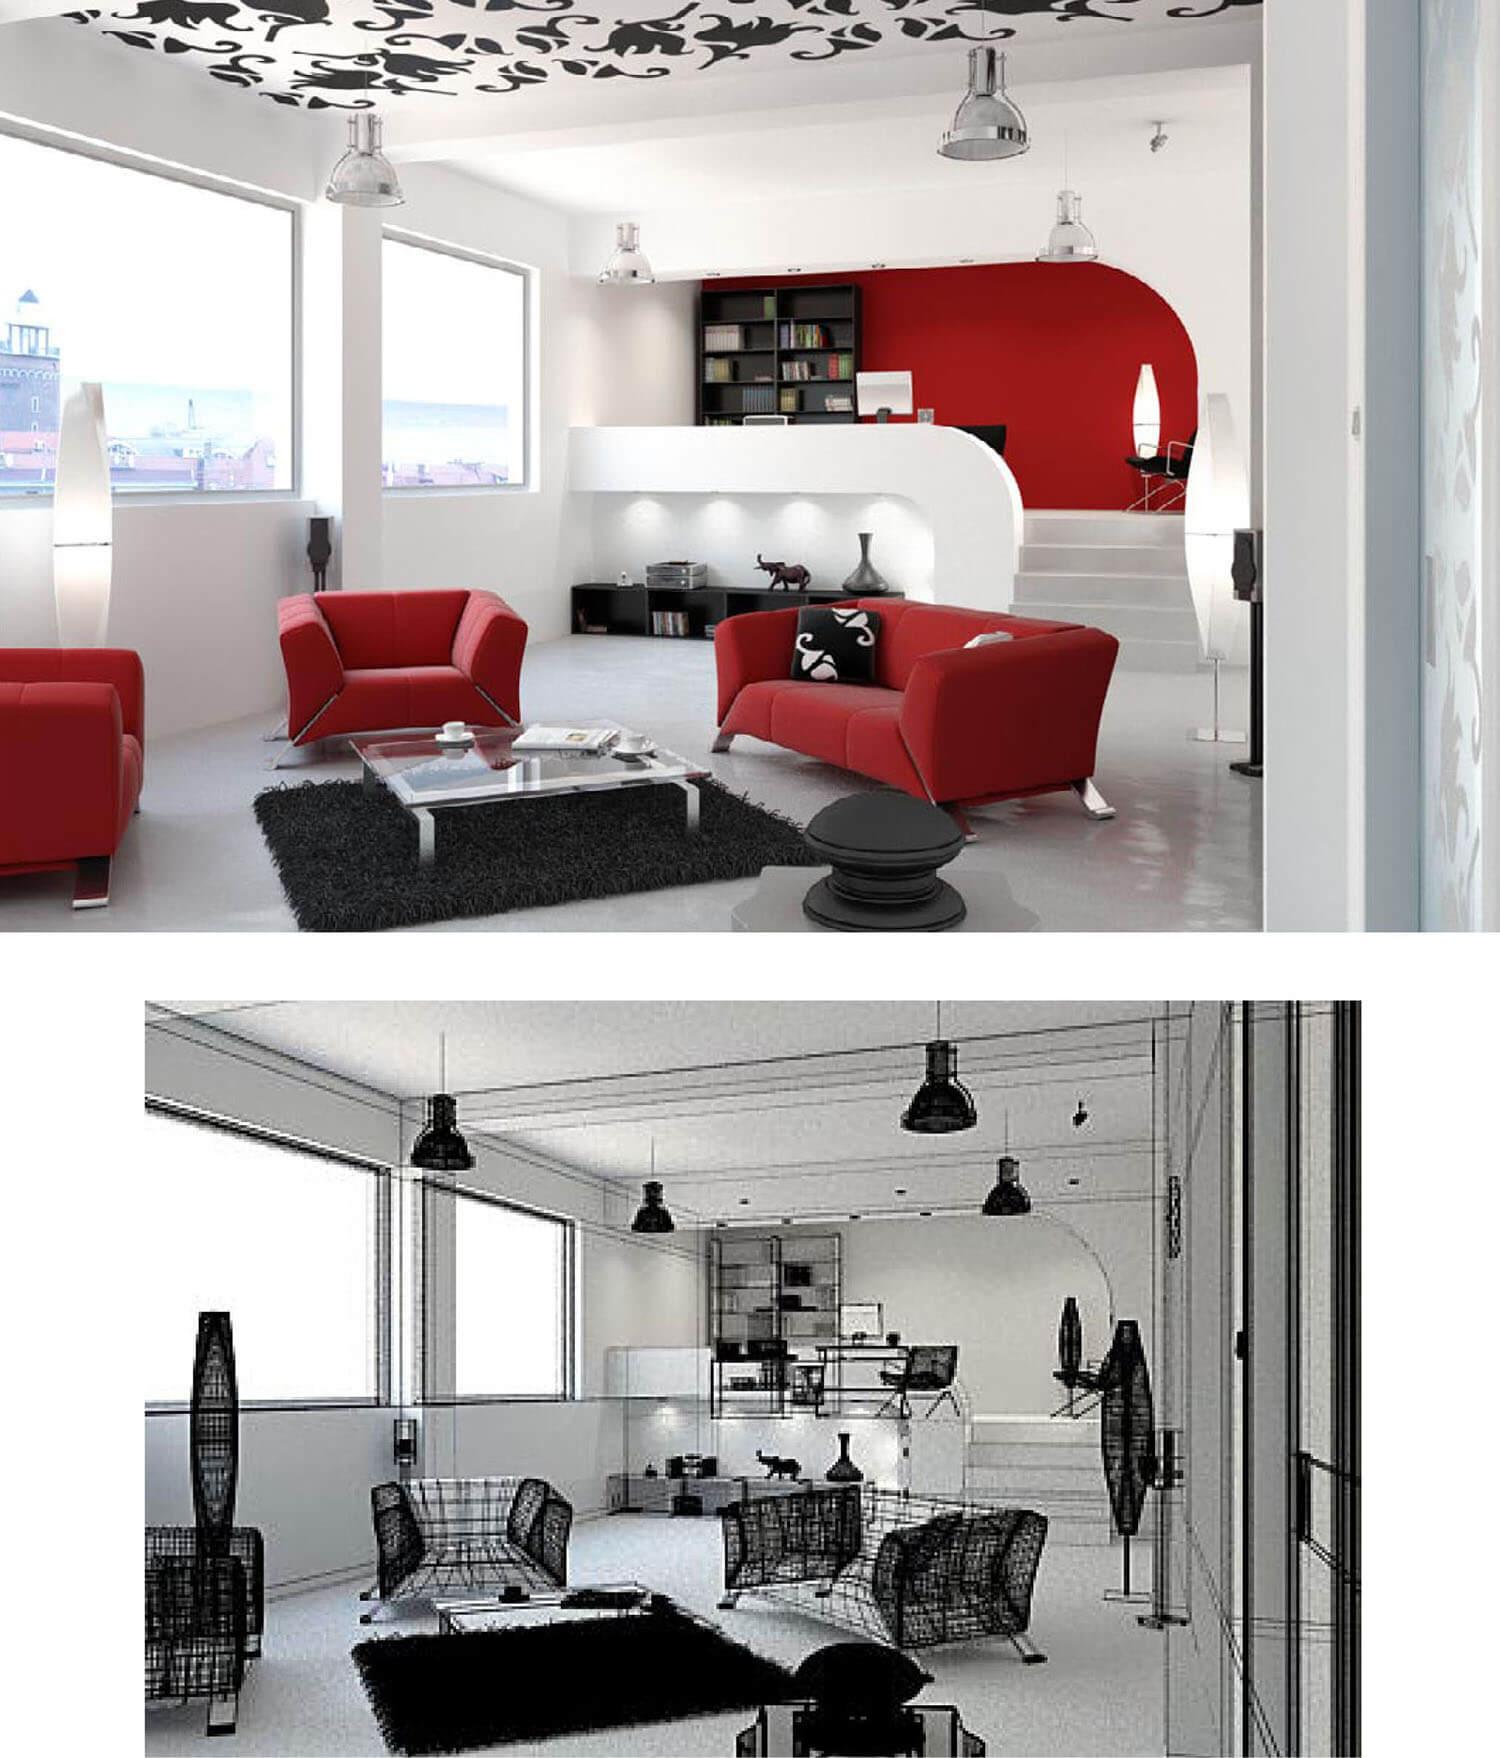 Trang trí phòng khách với salon đỏ nổi trên nền sơn trắng